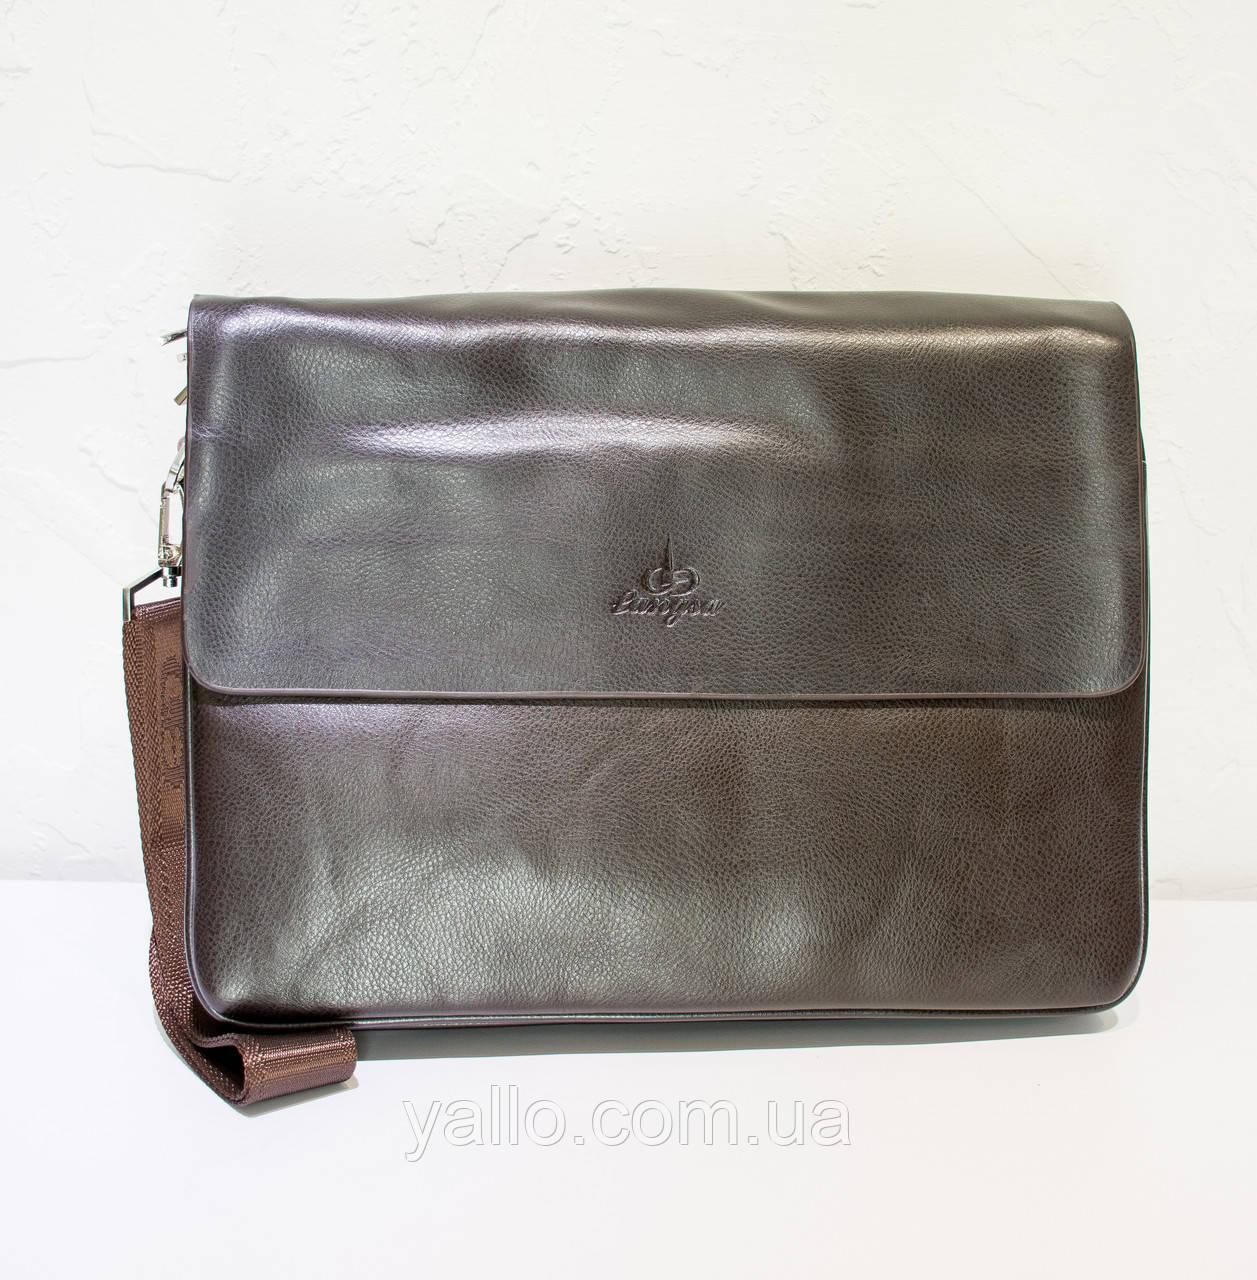 Мужская сумка Langsa формат А4